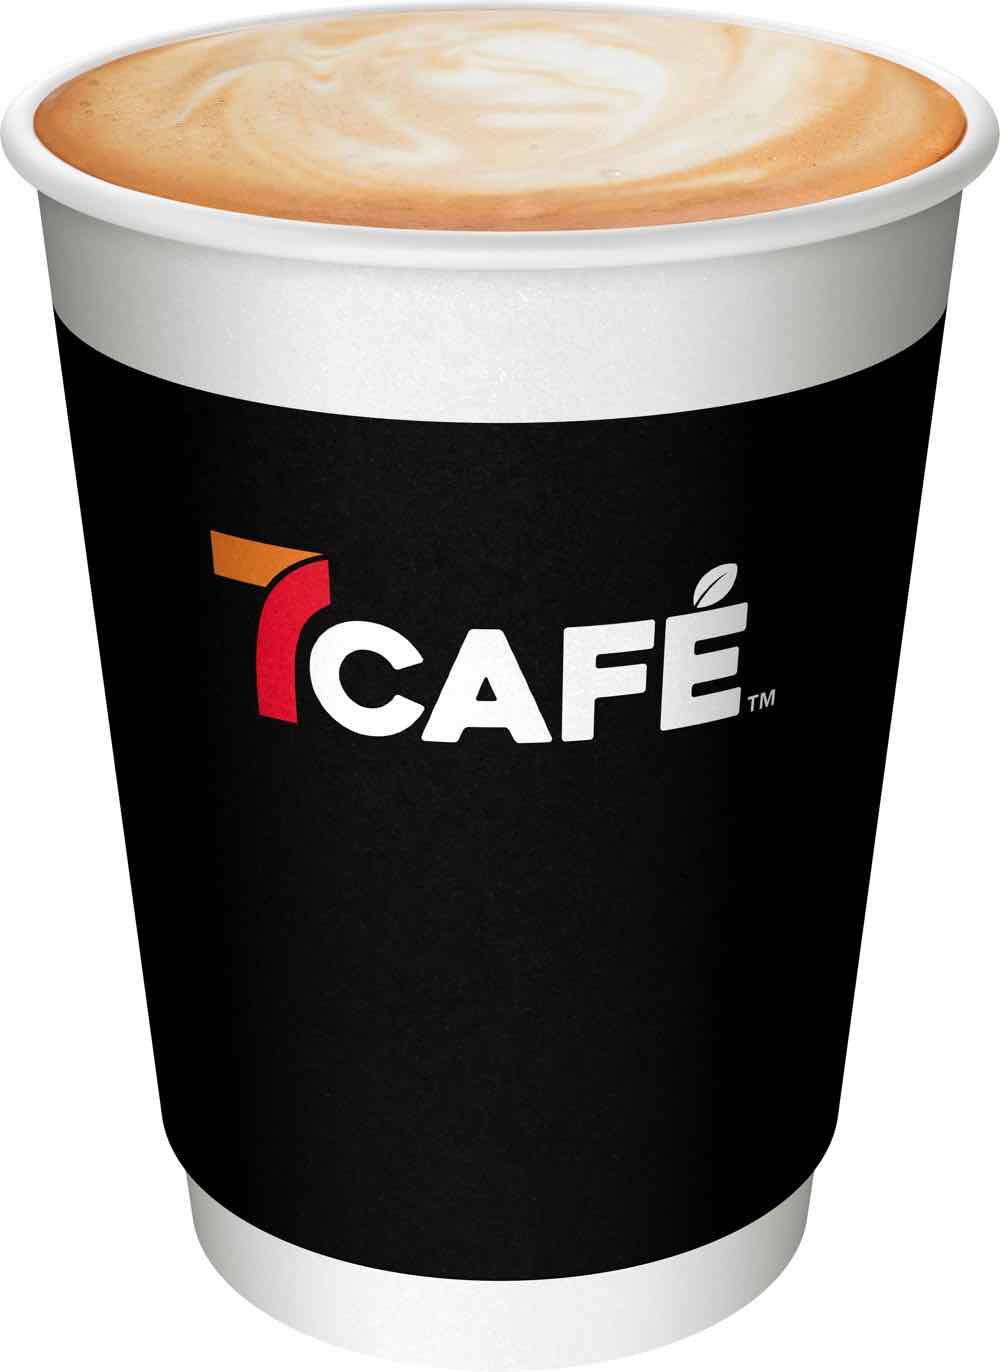 7CAFÉ 肉桂蘋果味鮮奶咖啡 感受初秋甜蜜滋味